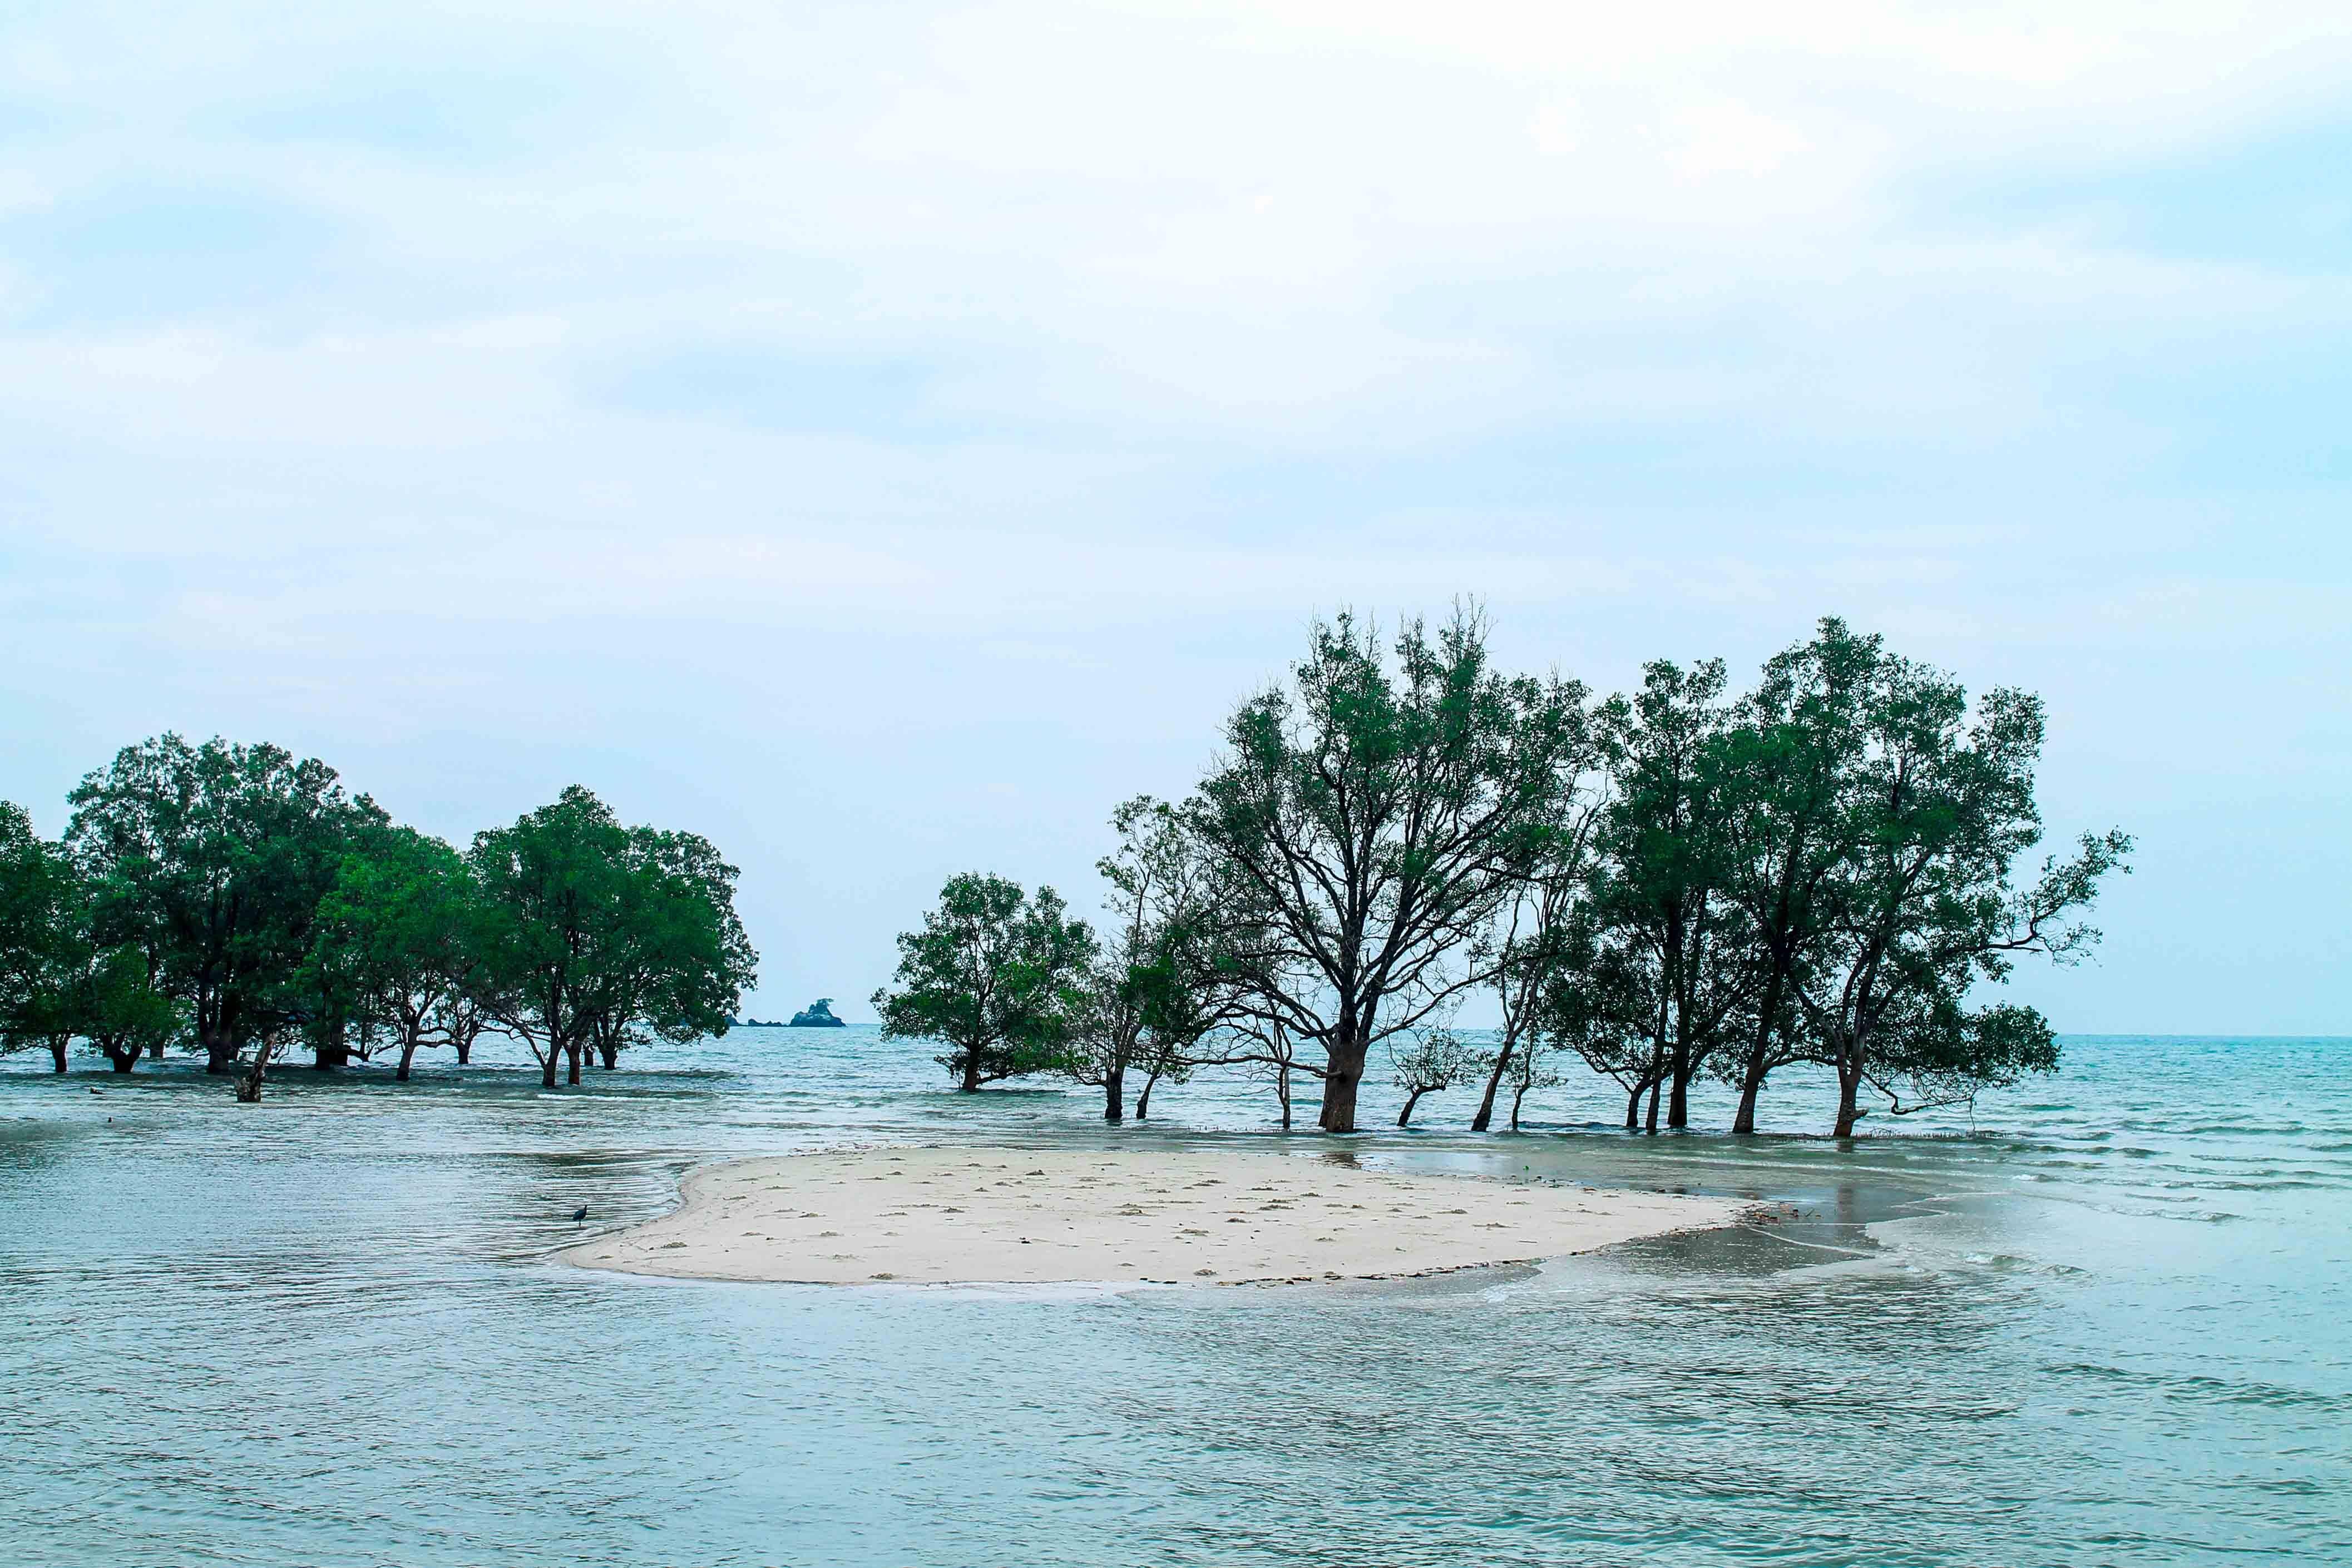 Uma parte da floresta inundada na parte sul da Ao Khao Kwai (Buffalo Bay) na Tailândia